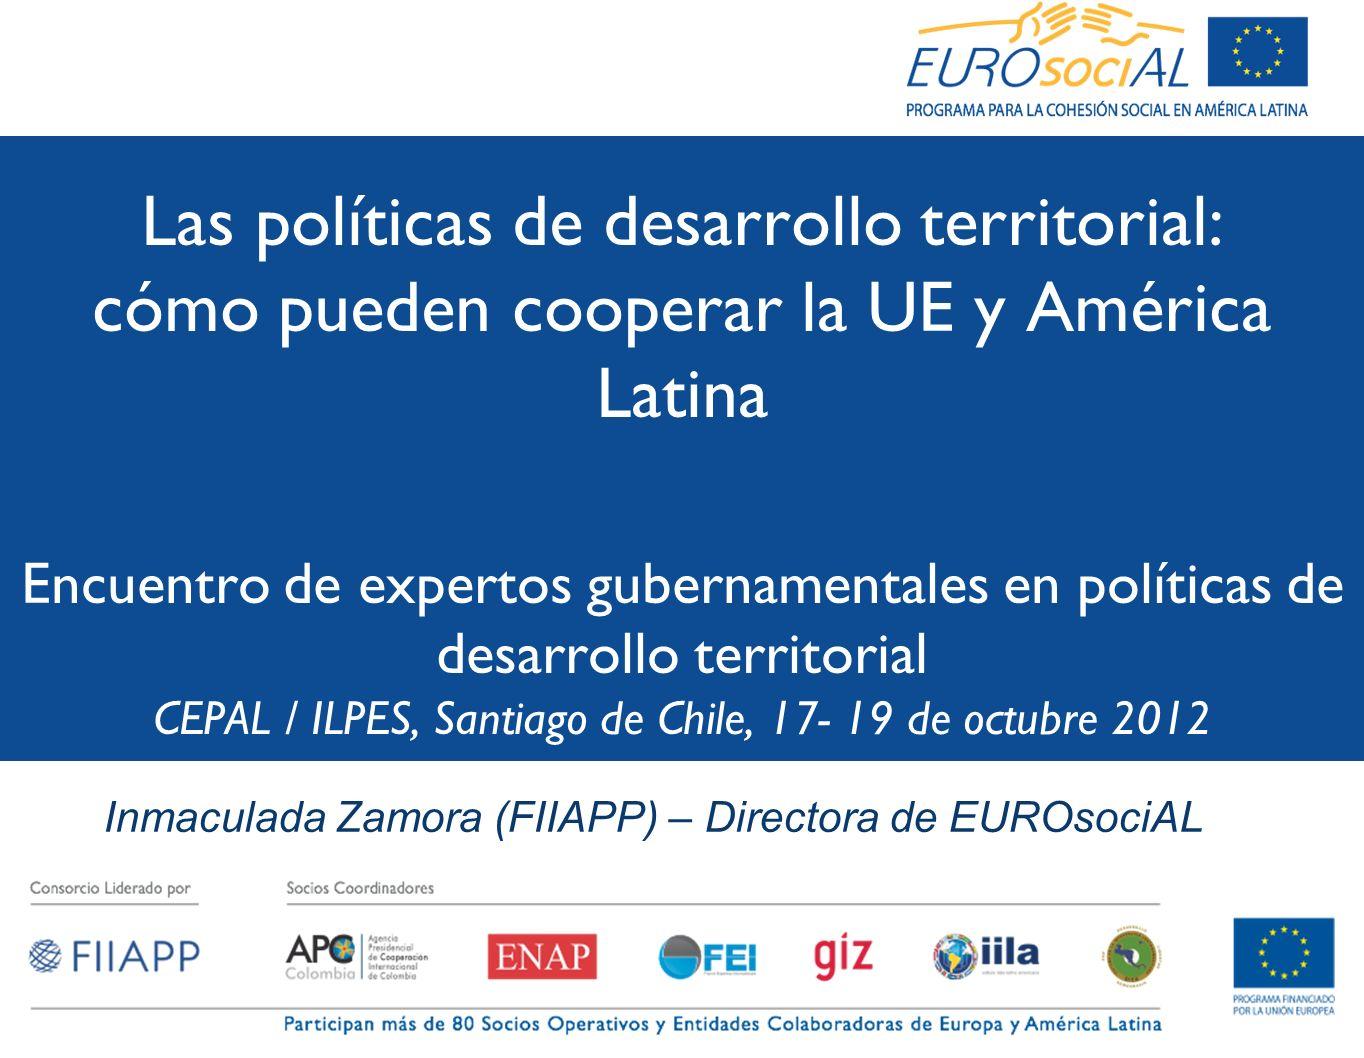 Las políticas de desarrollo territorial: cómo pueden cooperar la UE y América Latina Encuentro de expertos gubernamentales en políticas de desarrollo territorial CEPAL / ILPES, Santiago de Chile, 17- 19 de octubre 2012